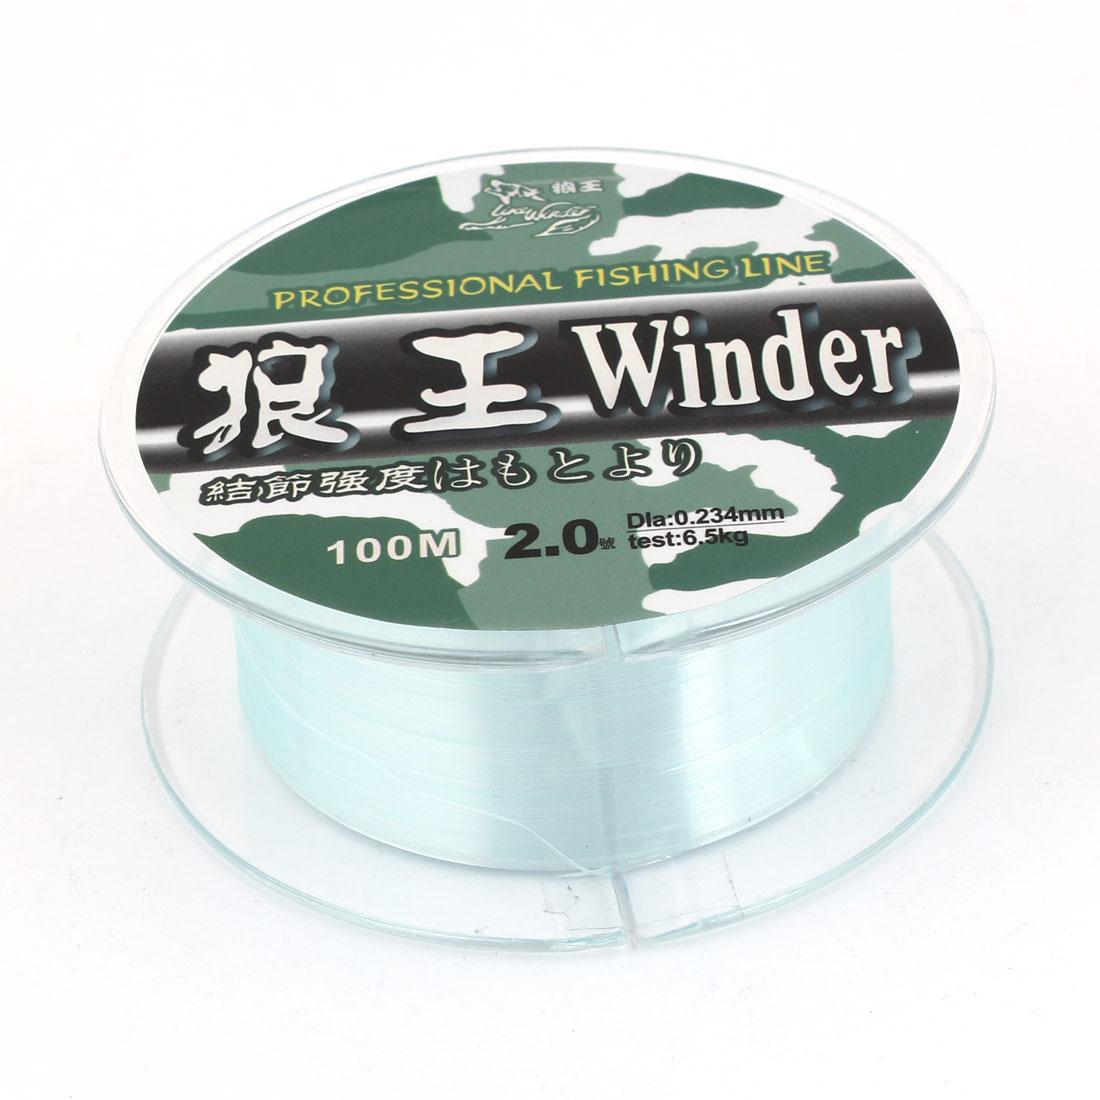 2.0# Green Nylon Thread 0.234mm Dia 6.5Kg Fishing Line Spool 100M